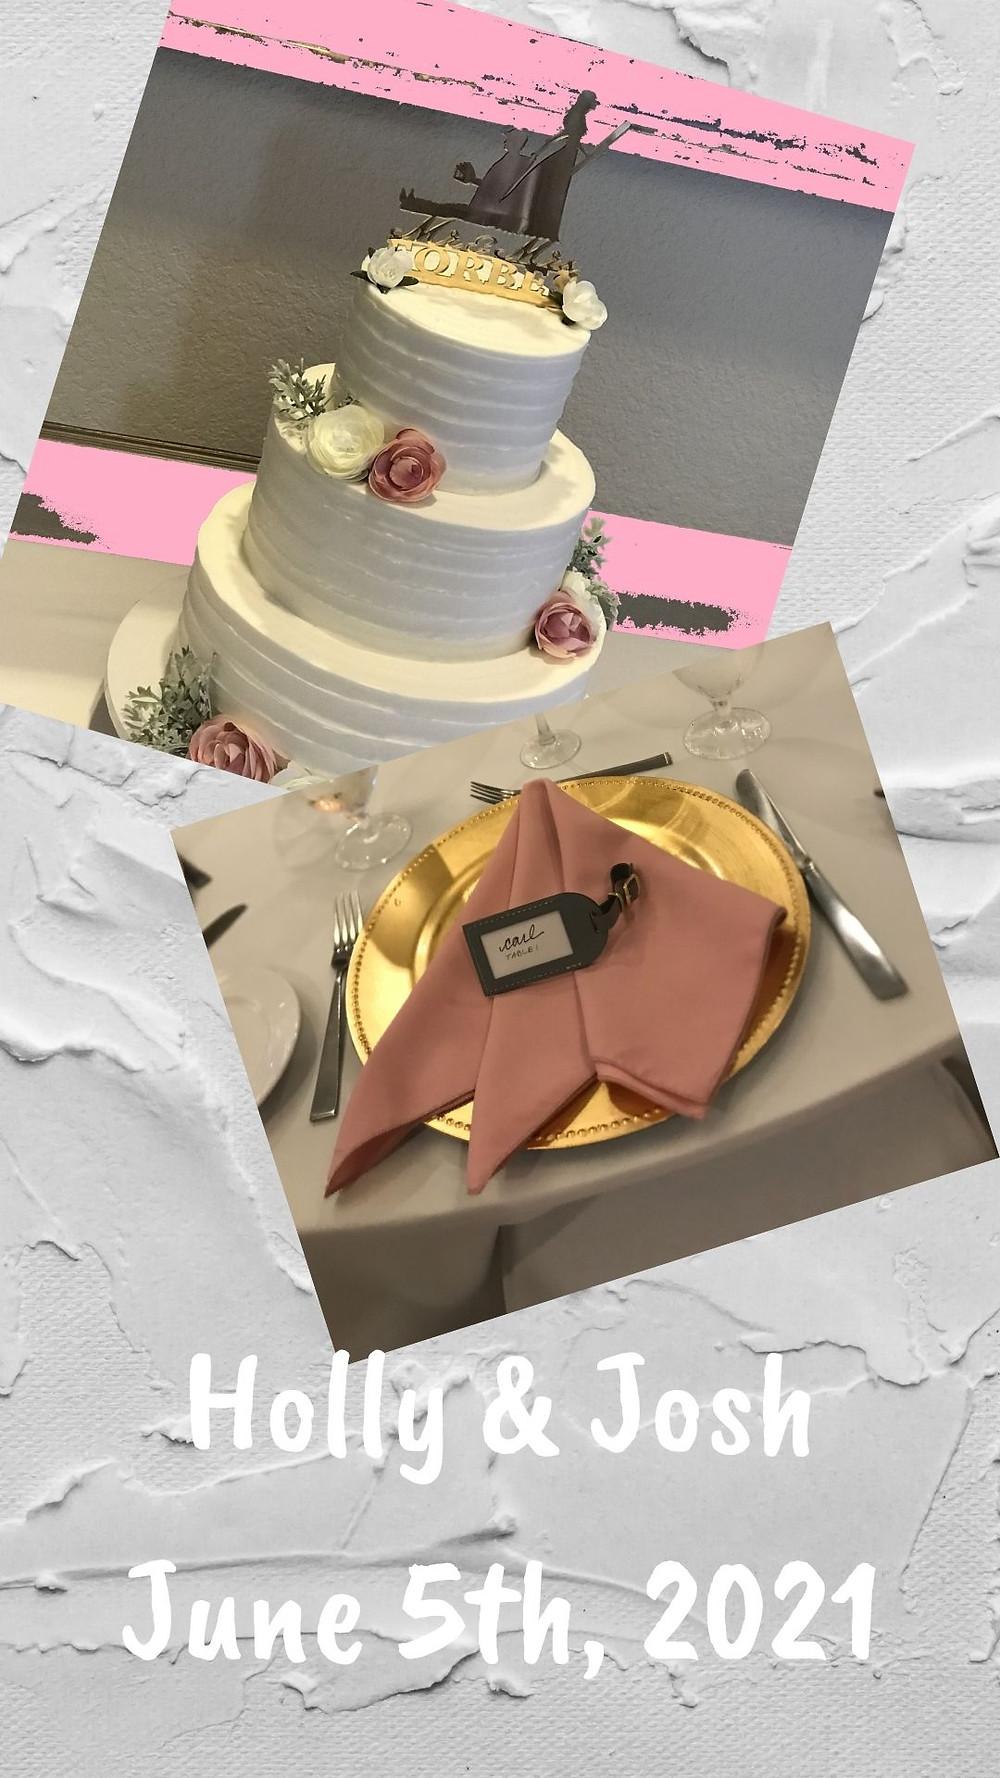 Wedding Cake-Wedding Gift